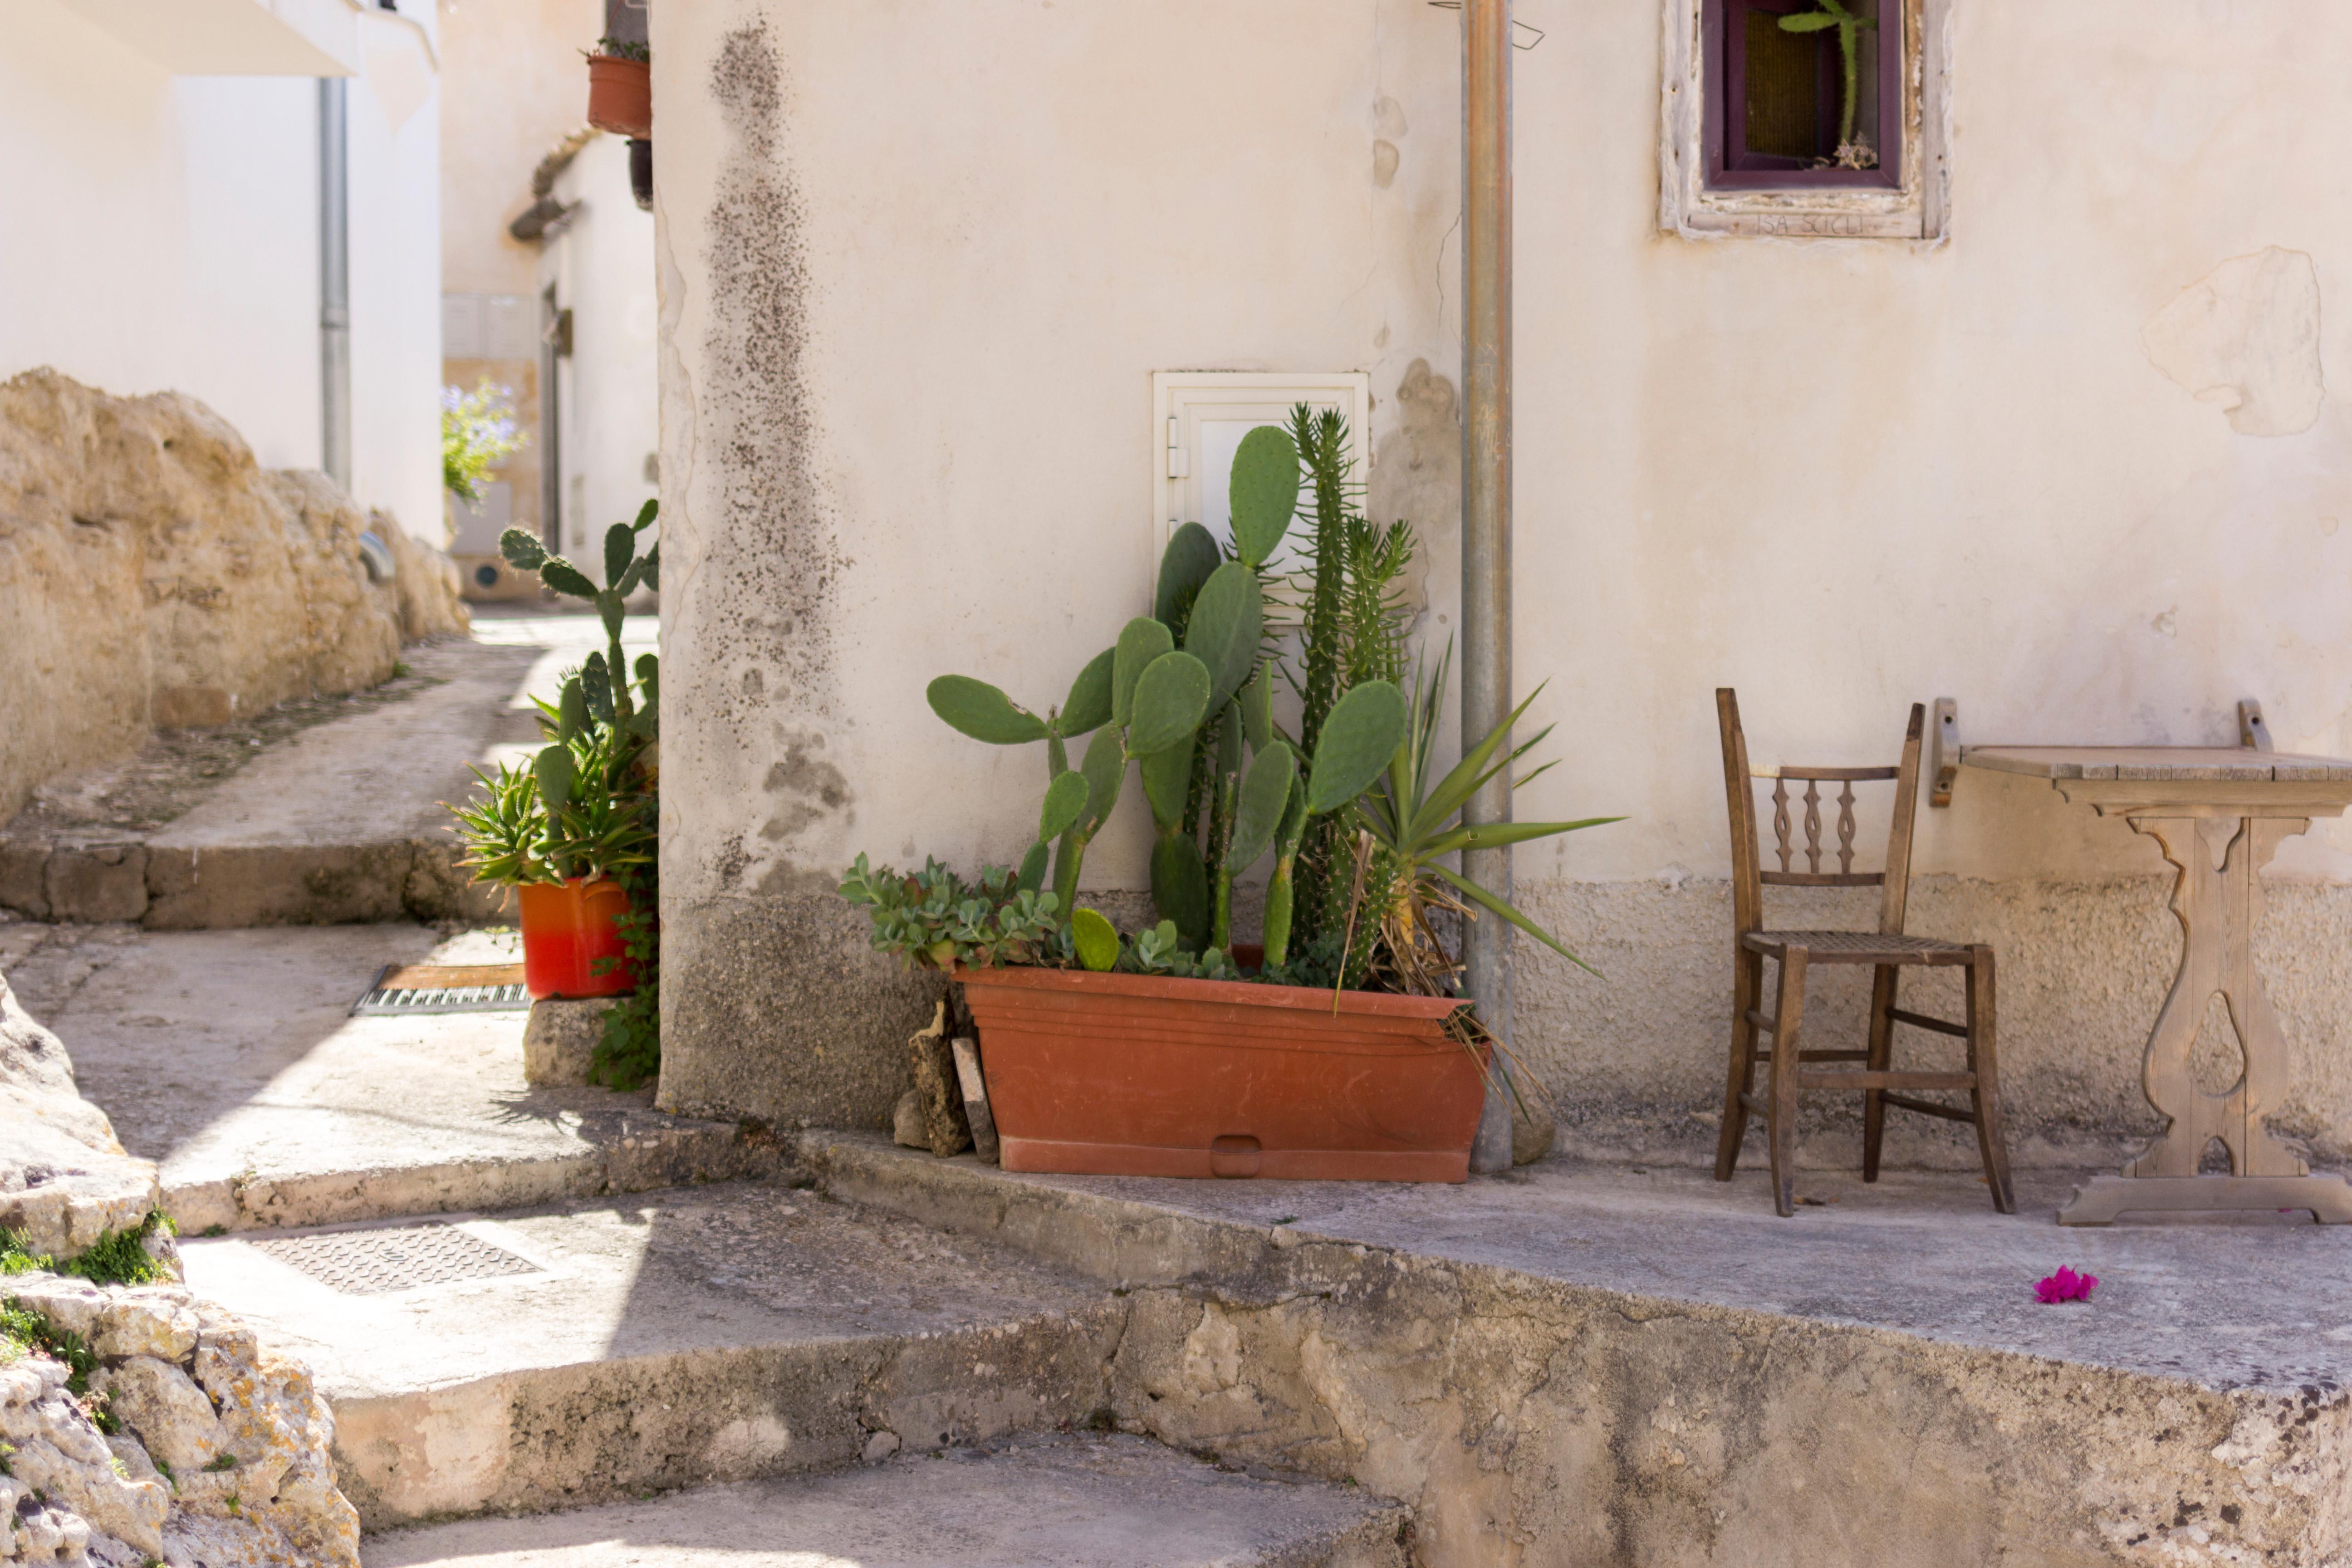 Ragusa Ibla, Modica and Scicli